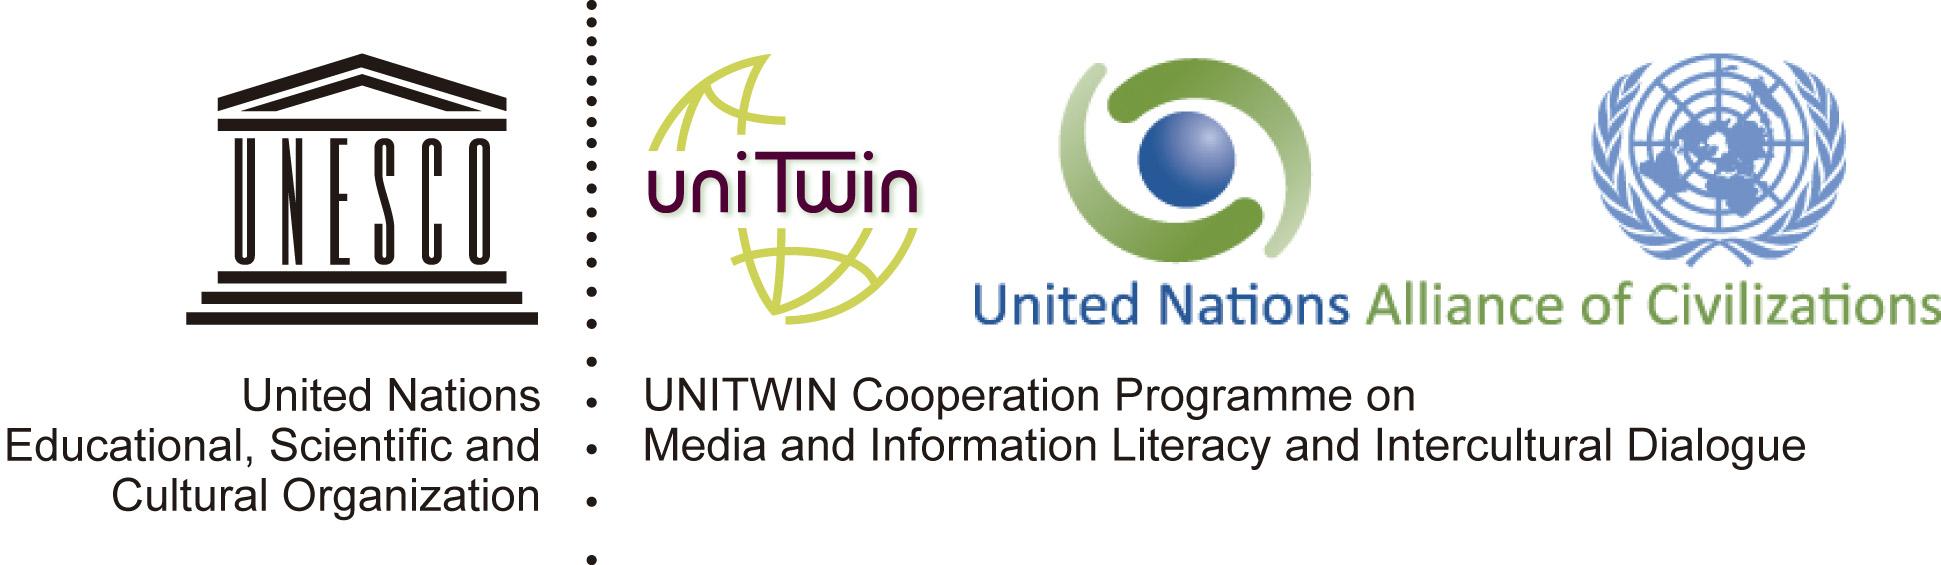 unitwin_es_unaoc_en